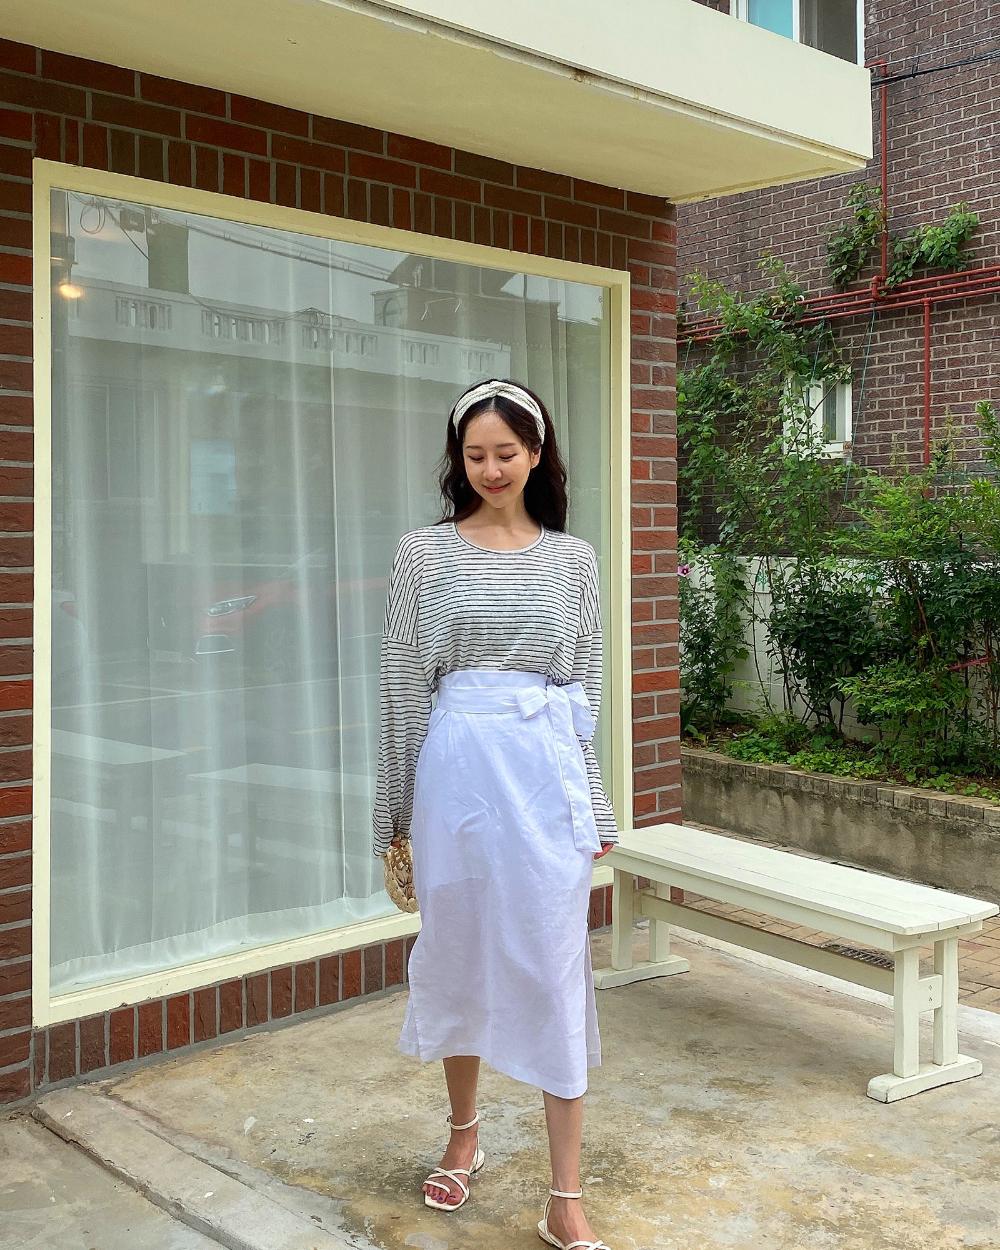 Pale linen skirt